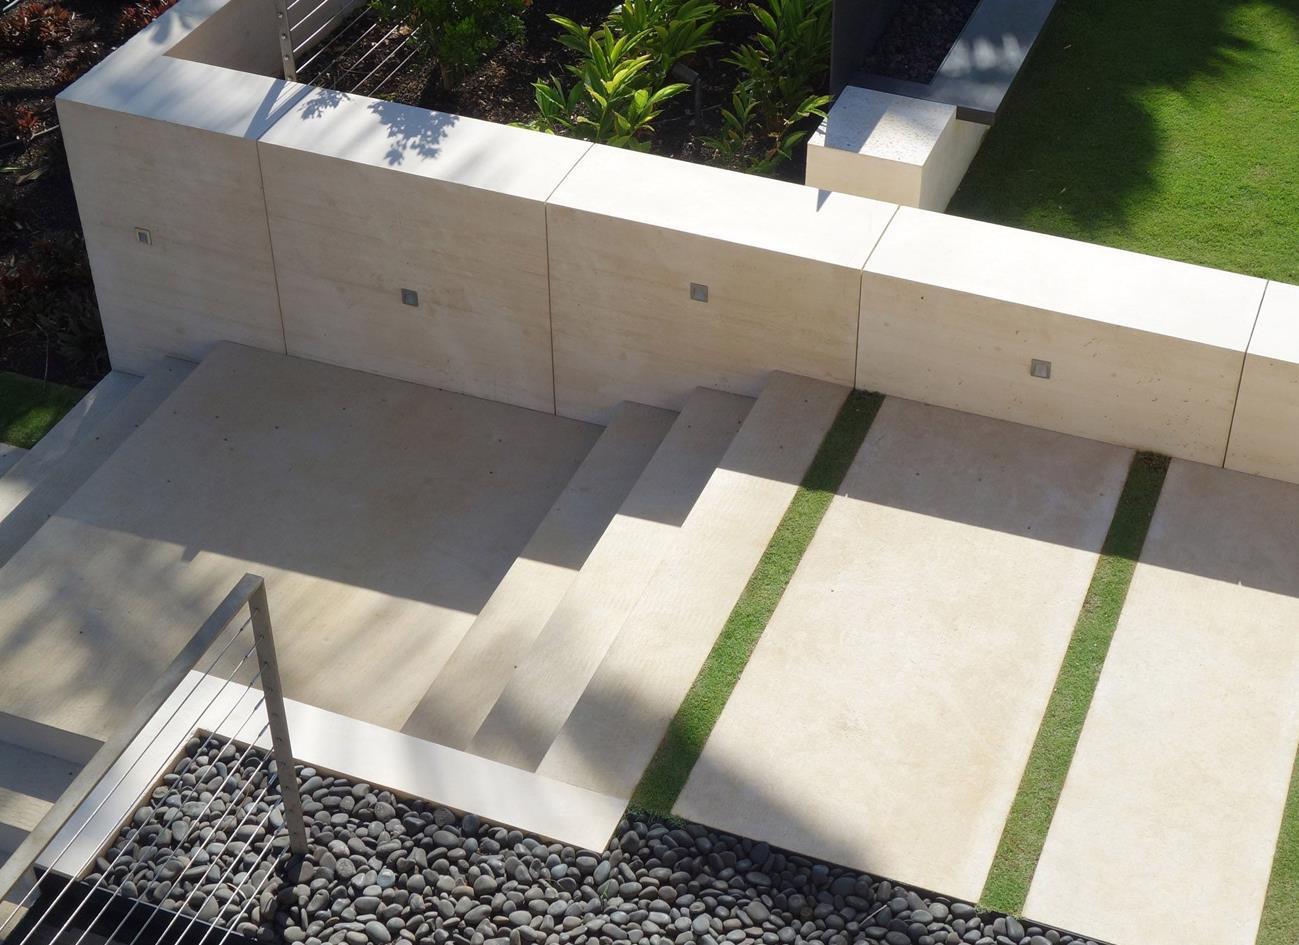 陶瓷厚板對比天然石材哪個更具有優勢?